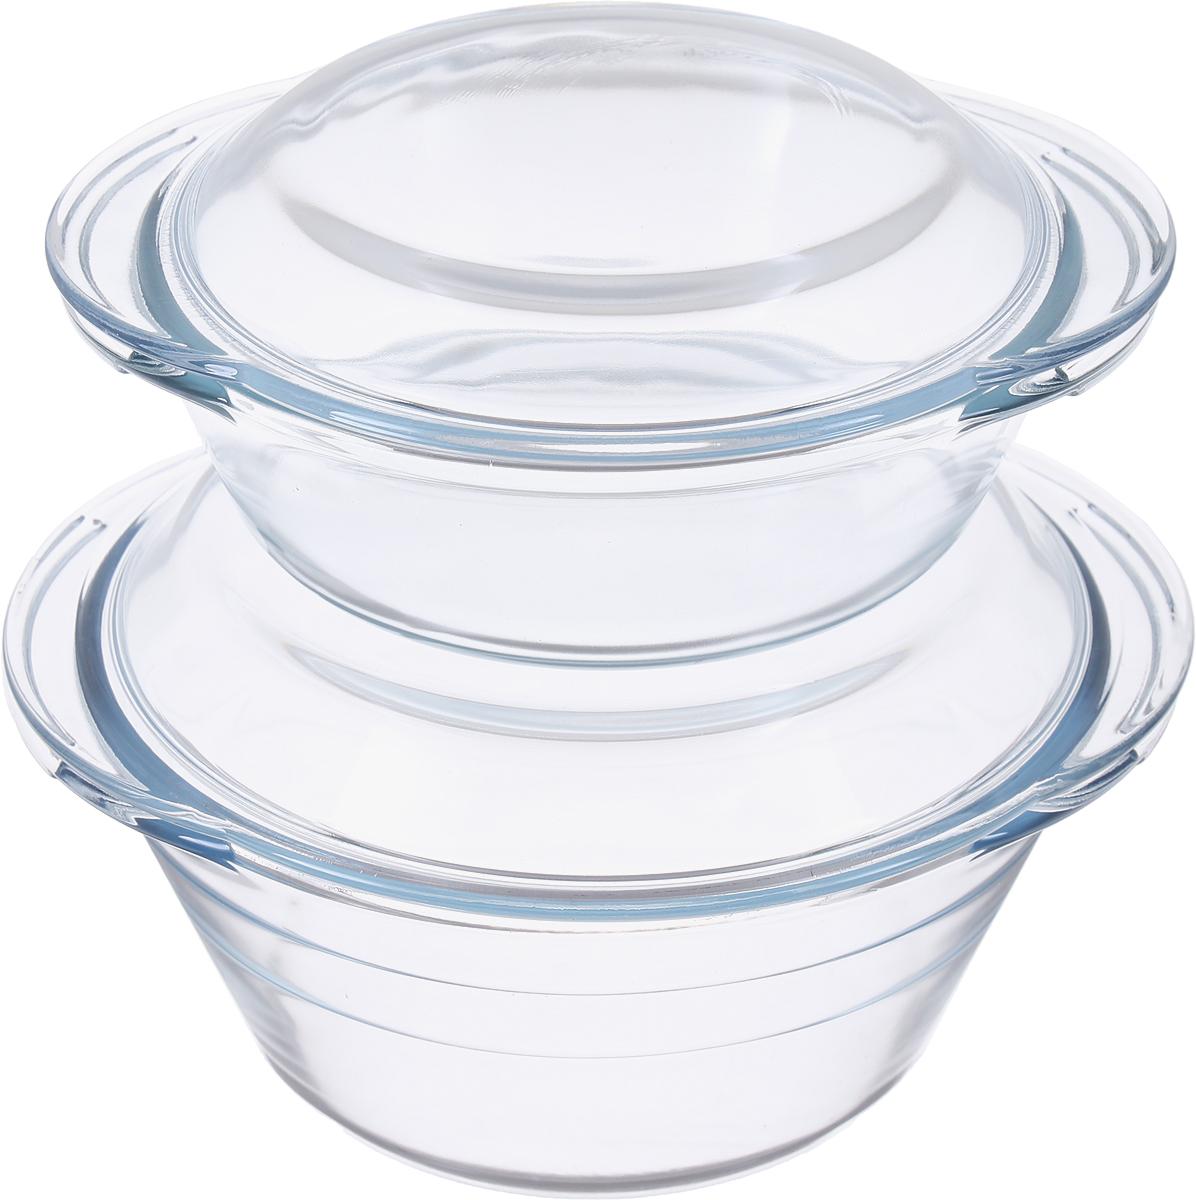 Посуда изготовлена из термостойкого стекла. Форма кастрюль круглая с двумя ручками по краям, все кастрюли с крышками. Посуда из термостойкого стекла будет отличным выбором для всех любителей блюд, приготовленных в духовке и микроволновой печи. Стеклянное изделие не вступает в реакцию с готовящейся пищей, а потому не выделяет никаких вредных веществ, не подвергается воздействию кислот и солей. Из-за невысокой теплопроводности пища в стеклянной посуде гораздо медленнее остывает. Стеклянная посуда очень удобна для приготовления и подачи самых разнообразных блюд: супов, вторых блюд, десертов. Подходит для использования в духовках, микроволновых печах и морозильных камерах (при постепенном охлаждении и нагреве выдерживает температуру от -40?С до 400?С). Подходит для мытья в посудомоечной машине.